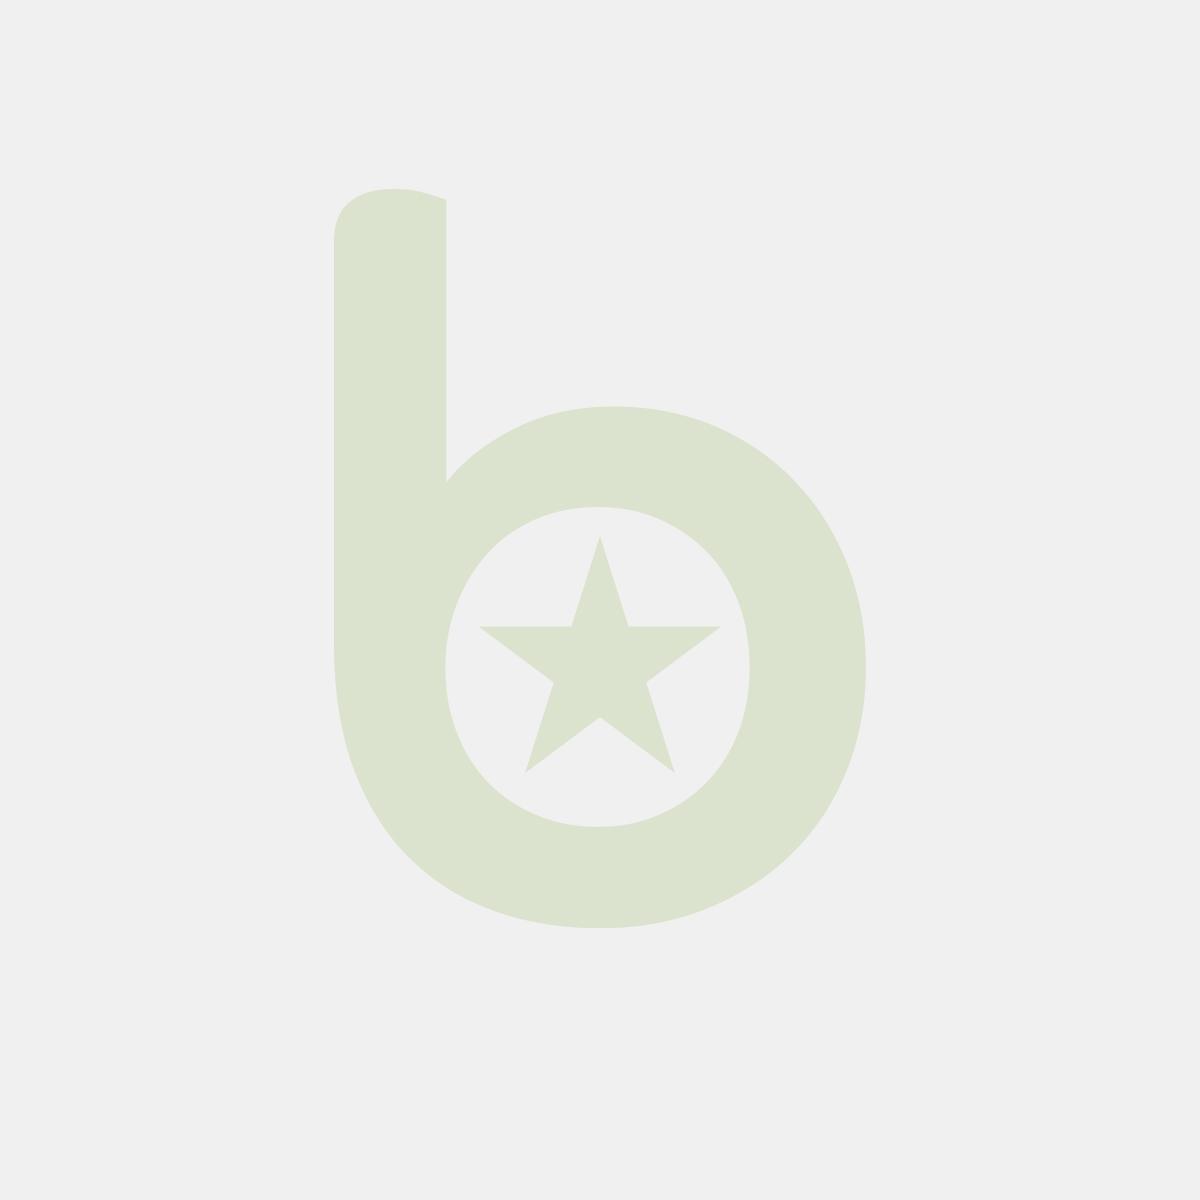 FINGERFOOD - łyżka azjatycka PS długość 12cm krystaliczna op. 480 sztuk